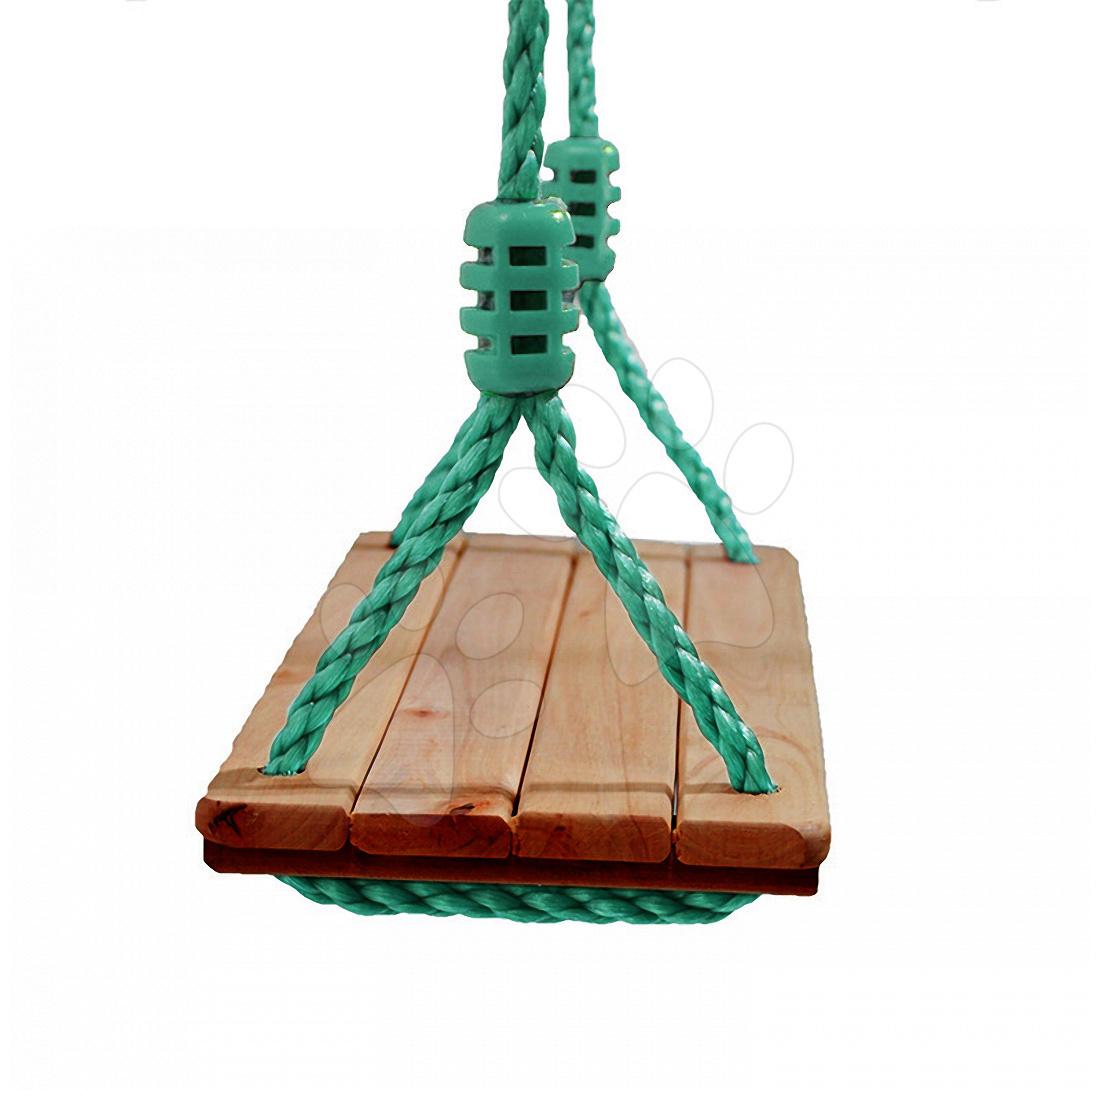 Klasická dřevěná houpačka z desek a lana Smoby Maxi výška 220 cm od 24 měsíců